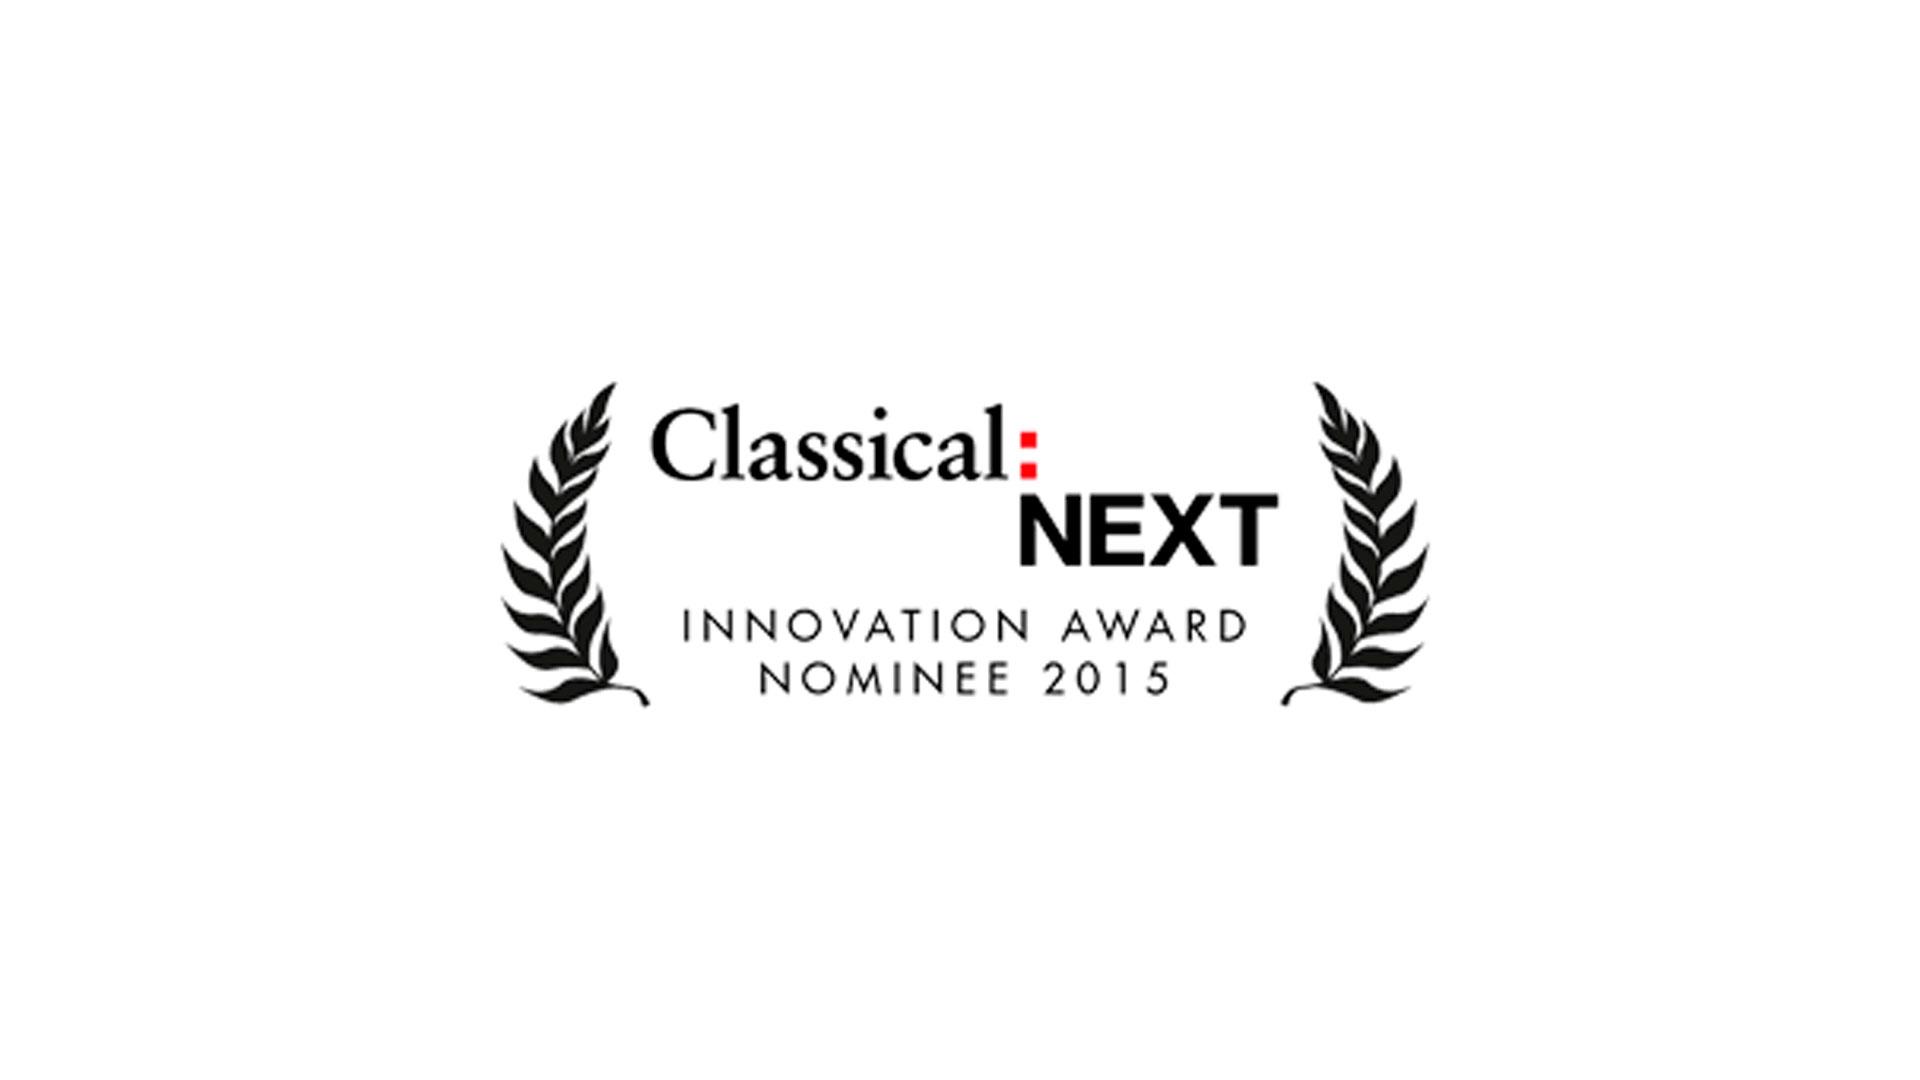 Ganador y finalistas del Classical:Next Innovation Award, al que ha sido nominada la Sinfónica de Galicia, se anunciarán en Rotterdam el 23 de mayo